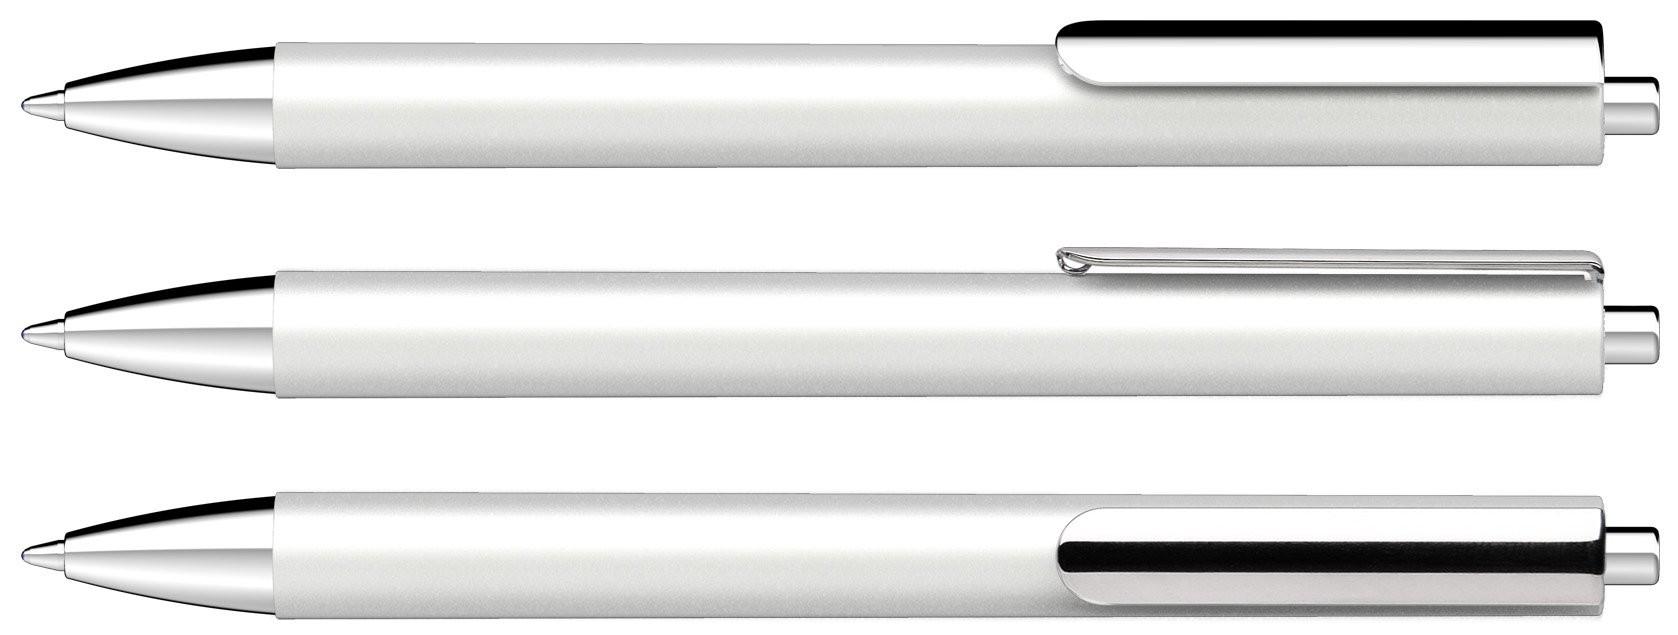 Kugelschreiber Evo Pro+